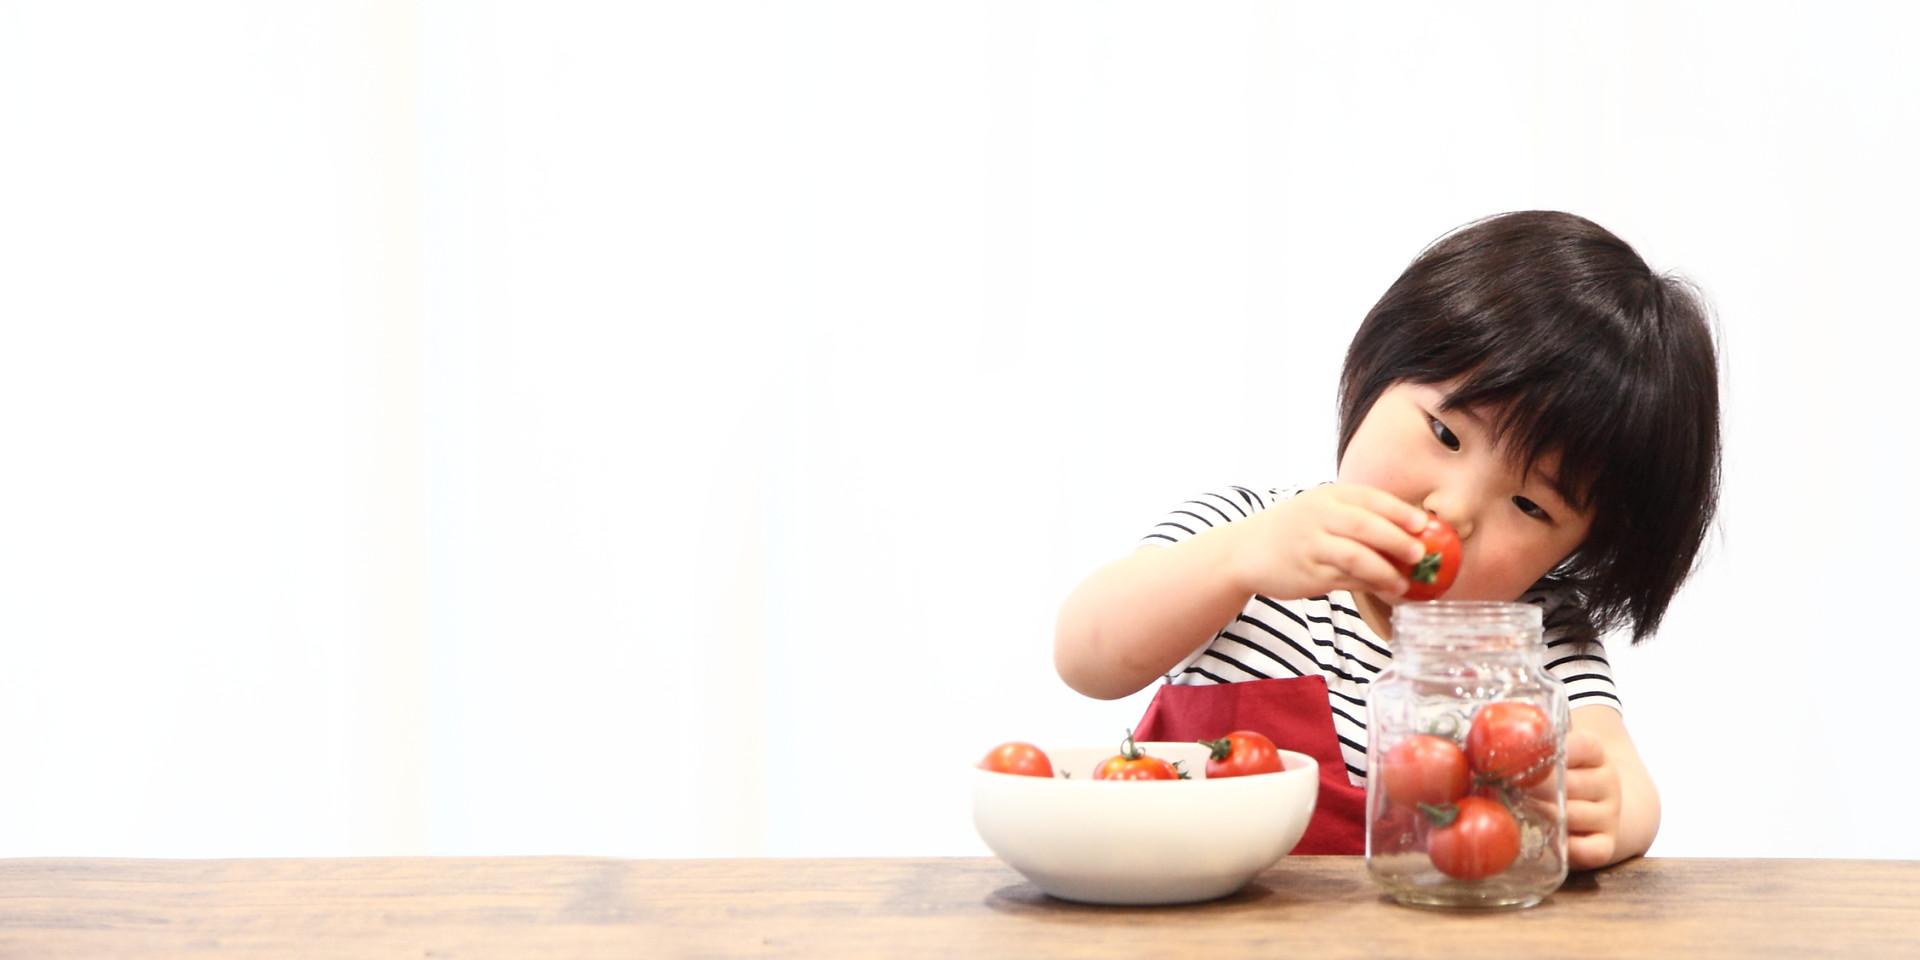 大好きなプチトマトと一緒に